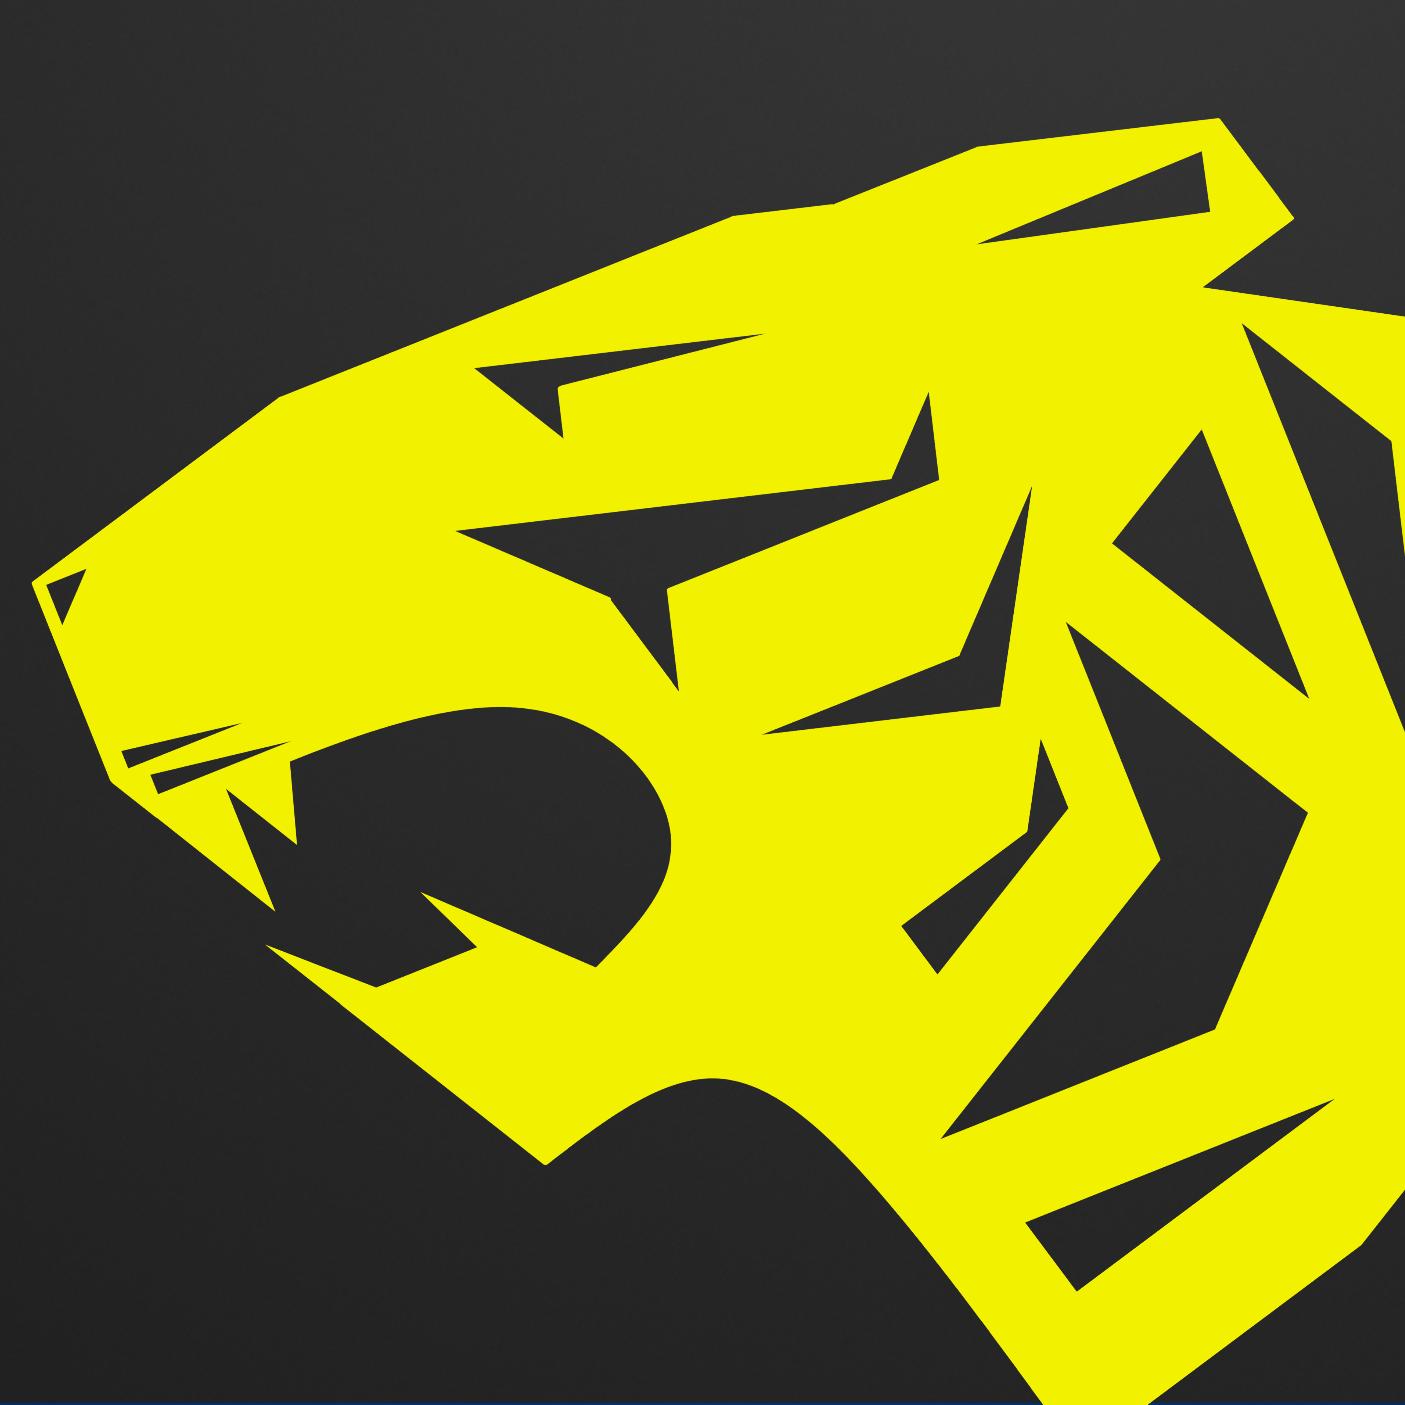 qrgaming 2017 Tiger Head 3.png